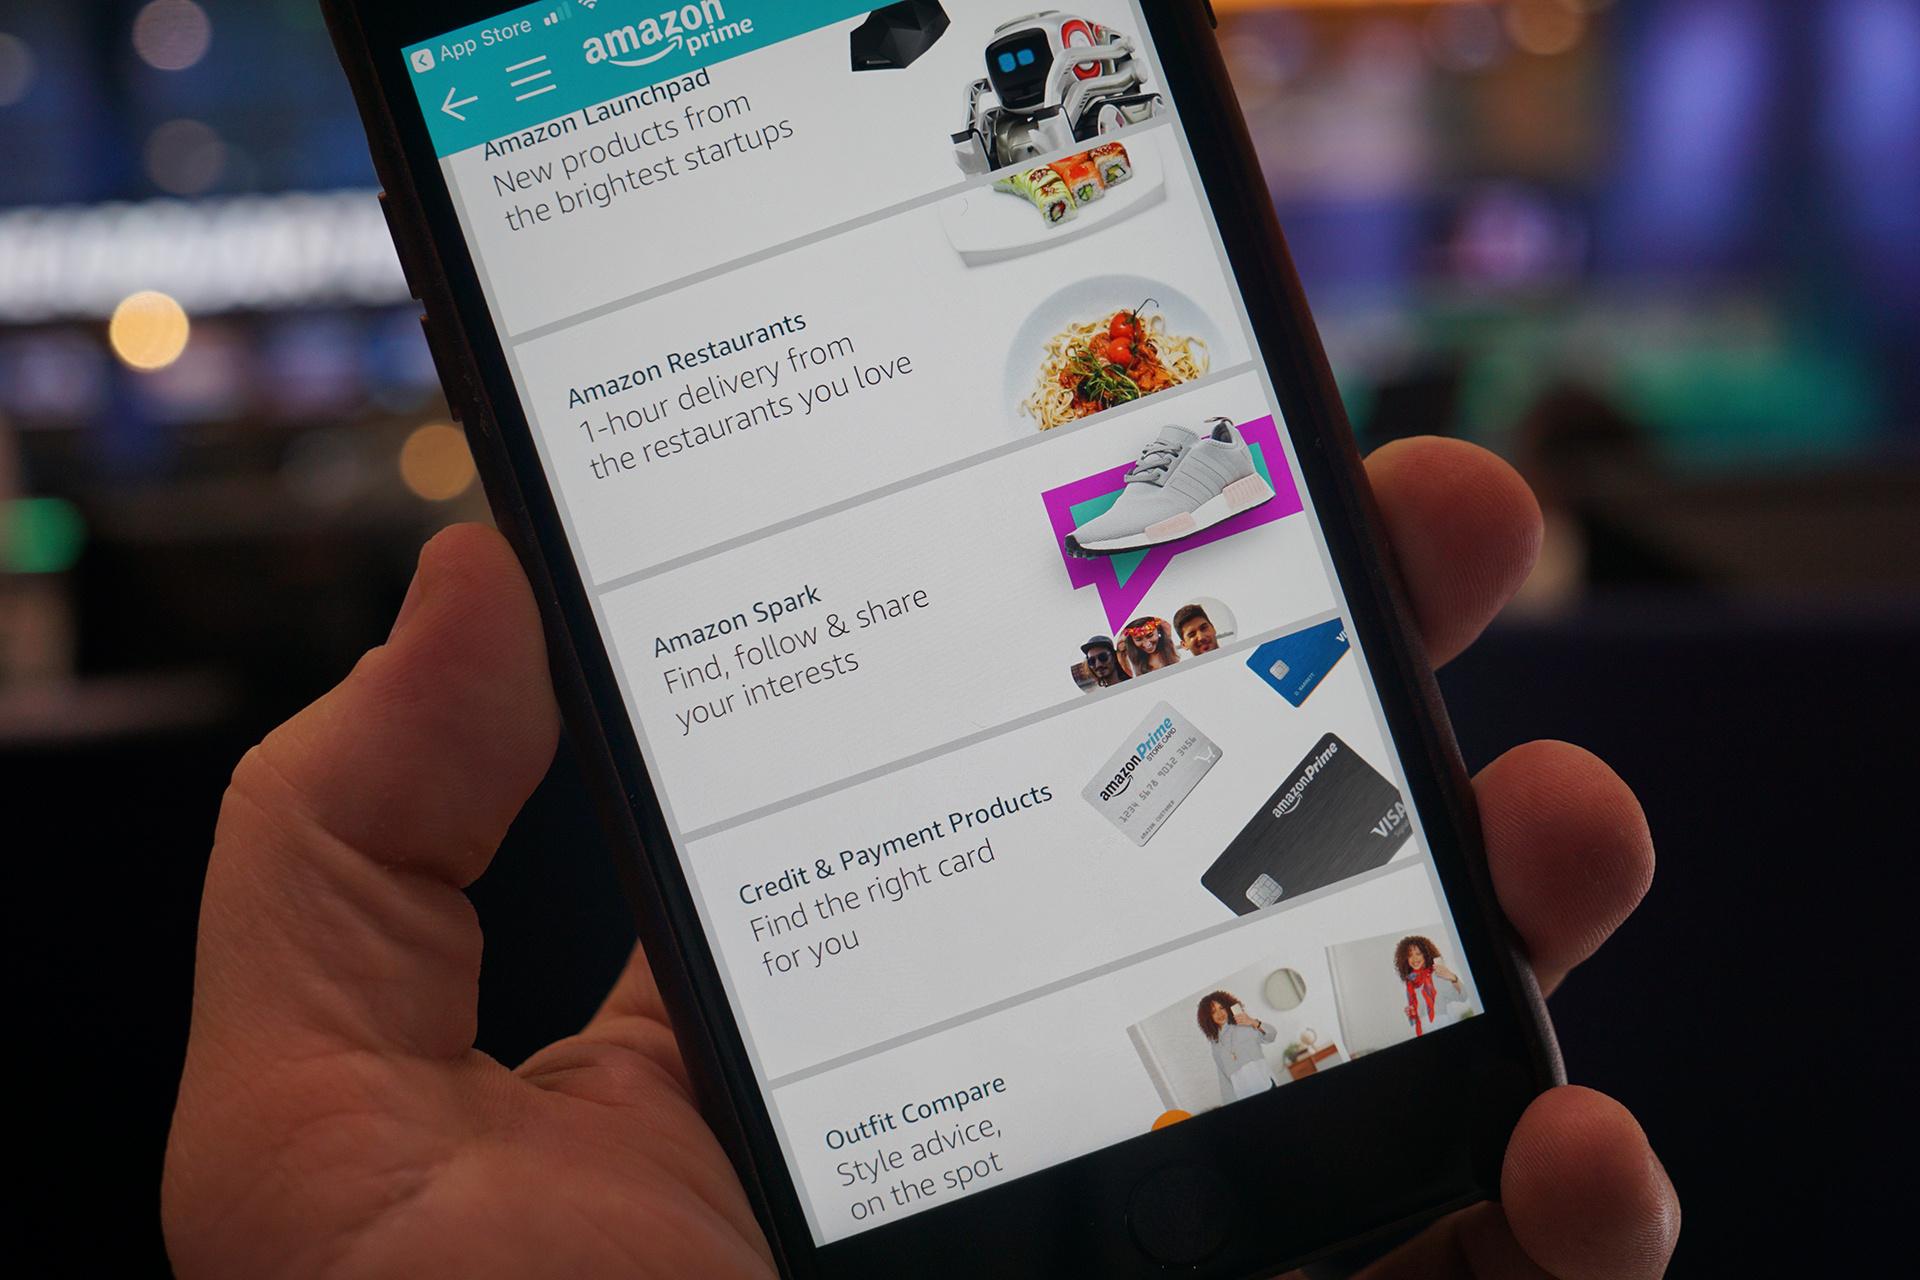 [recovery mode] Amazon запустила свою социальную сеть, и у неё есть перспективы